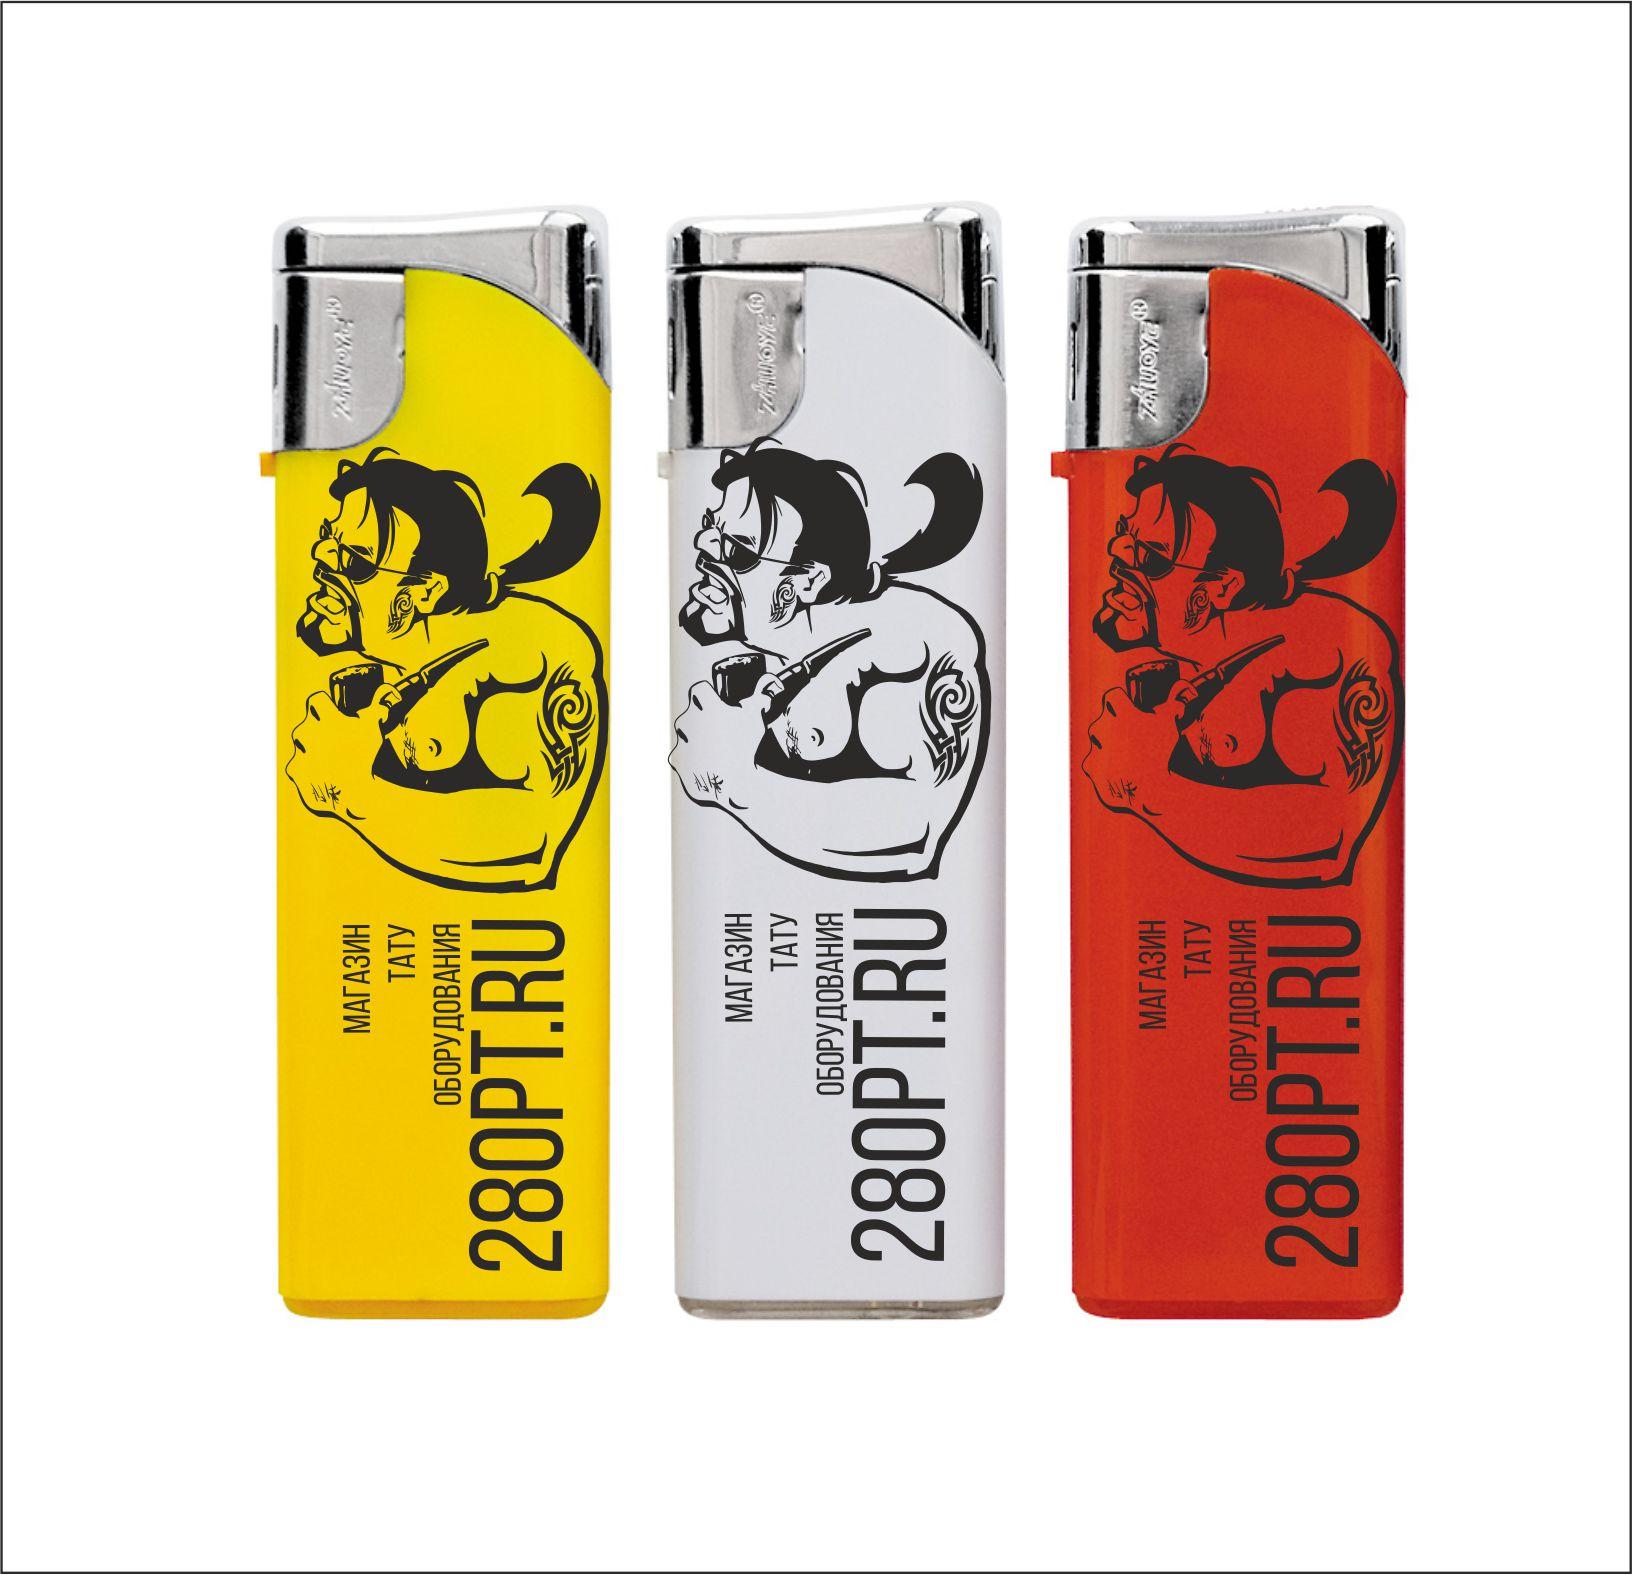 Редизайн стиля сувенирной продукции фото f_8885a53b36a0964a.jpg